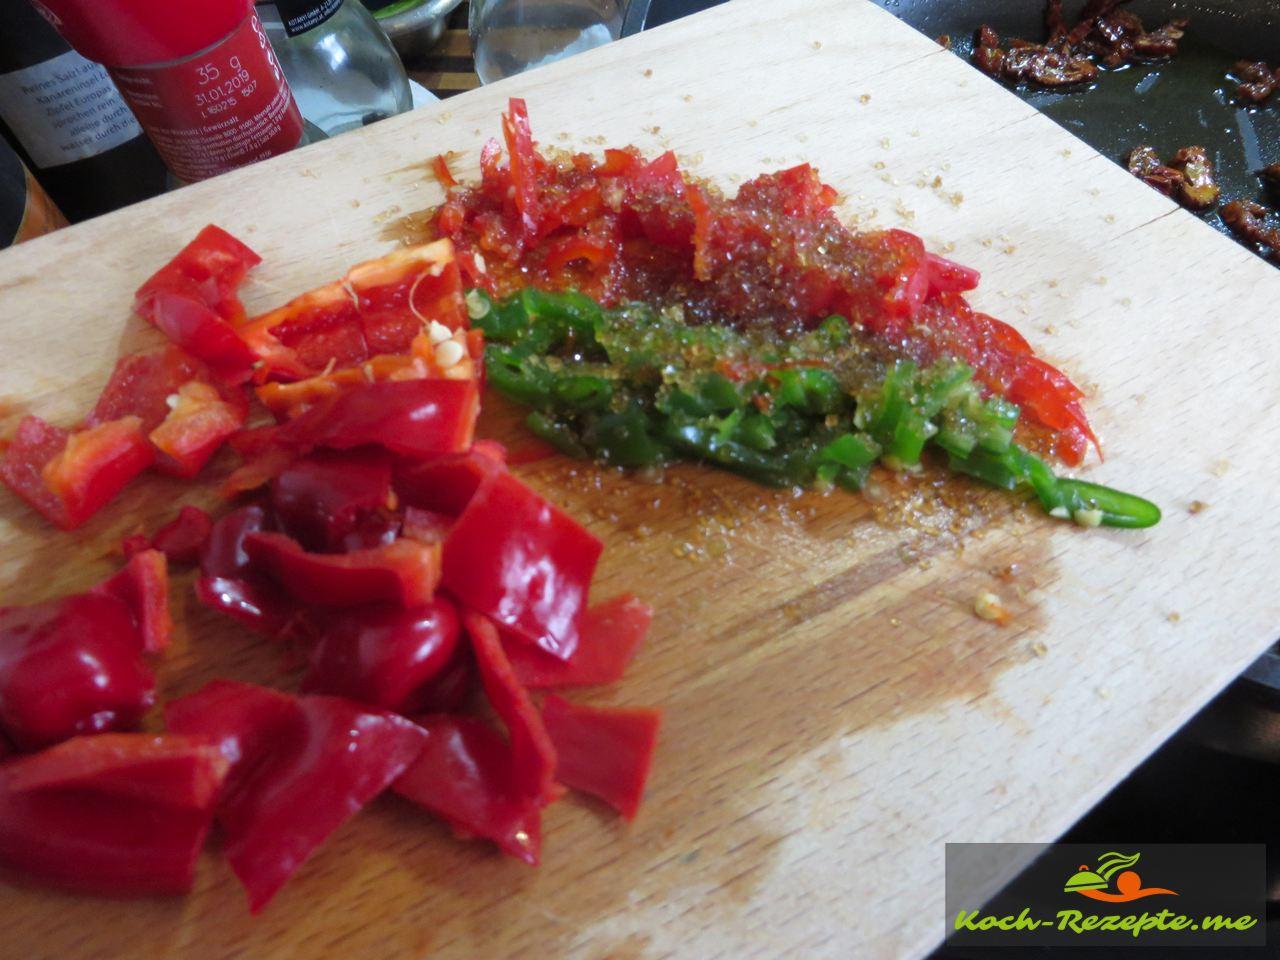 Trockentomaten und Spitze Paprika mild mit etwas braunem Zucker  für einen Brotsalat Rezept